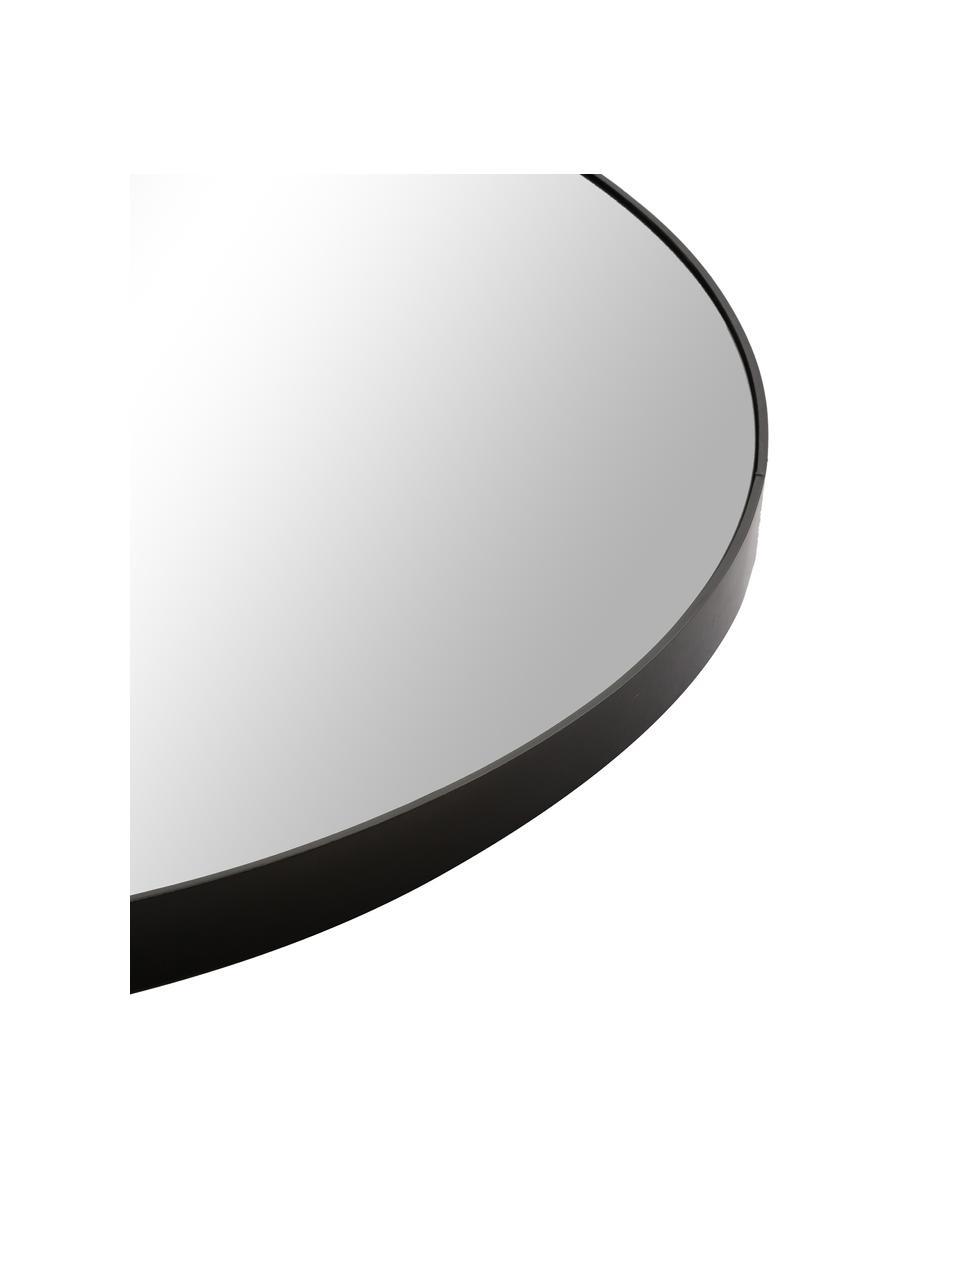 Runder Wandspiegel Complete mit schwarzem Holzrahmen, Rahmen: Mitteldichte Holzfaserpla, Spiegelfläche: Spiegelglas, Schwarz, Ø 110 x T 4 cm